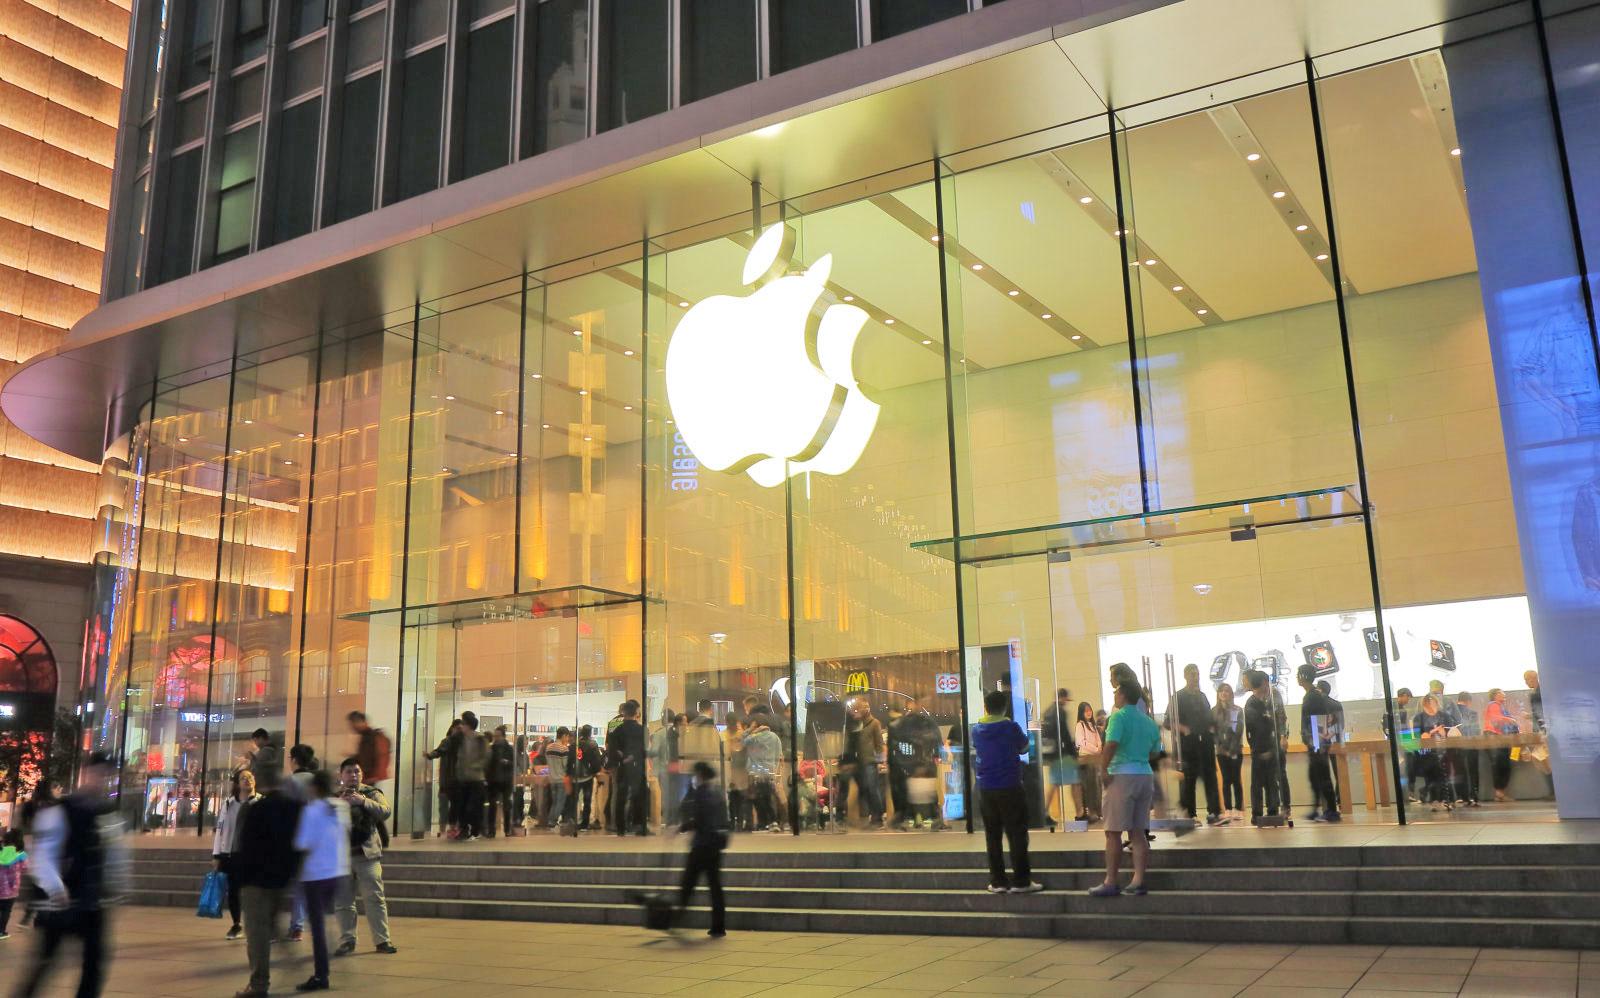 新iPhoneはiPhone 6/6 Plus以来の最高の出荷台数になる?「スムーズな生産と強力な出荷」のうわさ